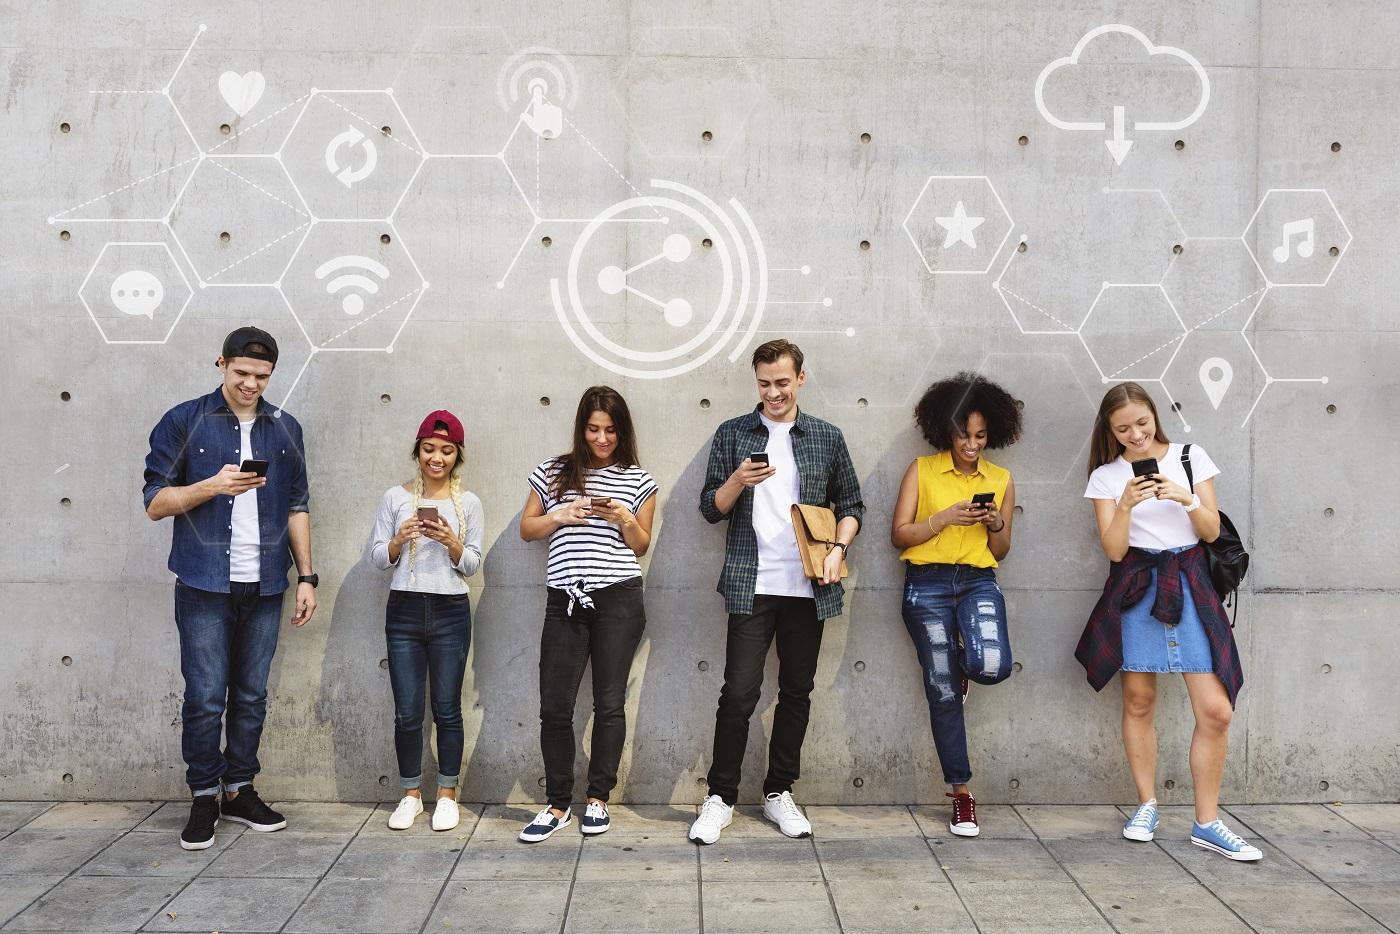 داستان شبکههای اجتماعی (2) - شهرنشینی